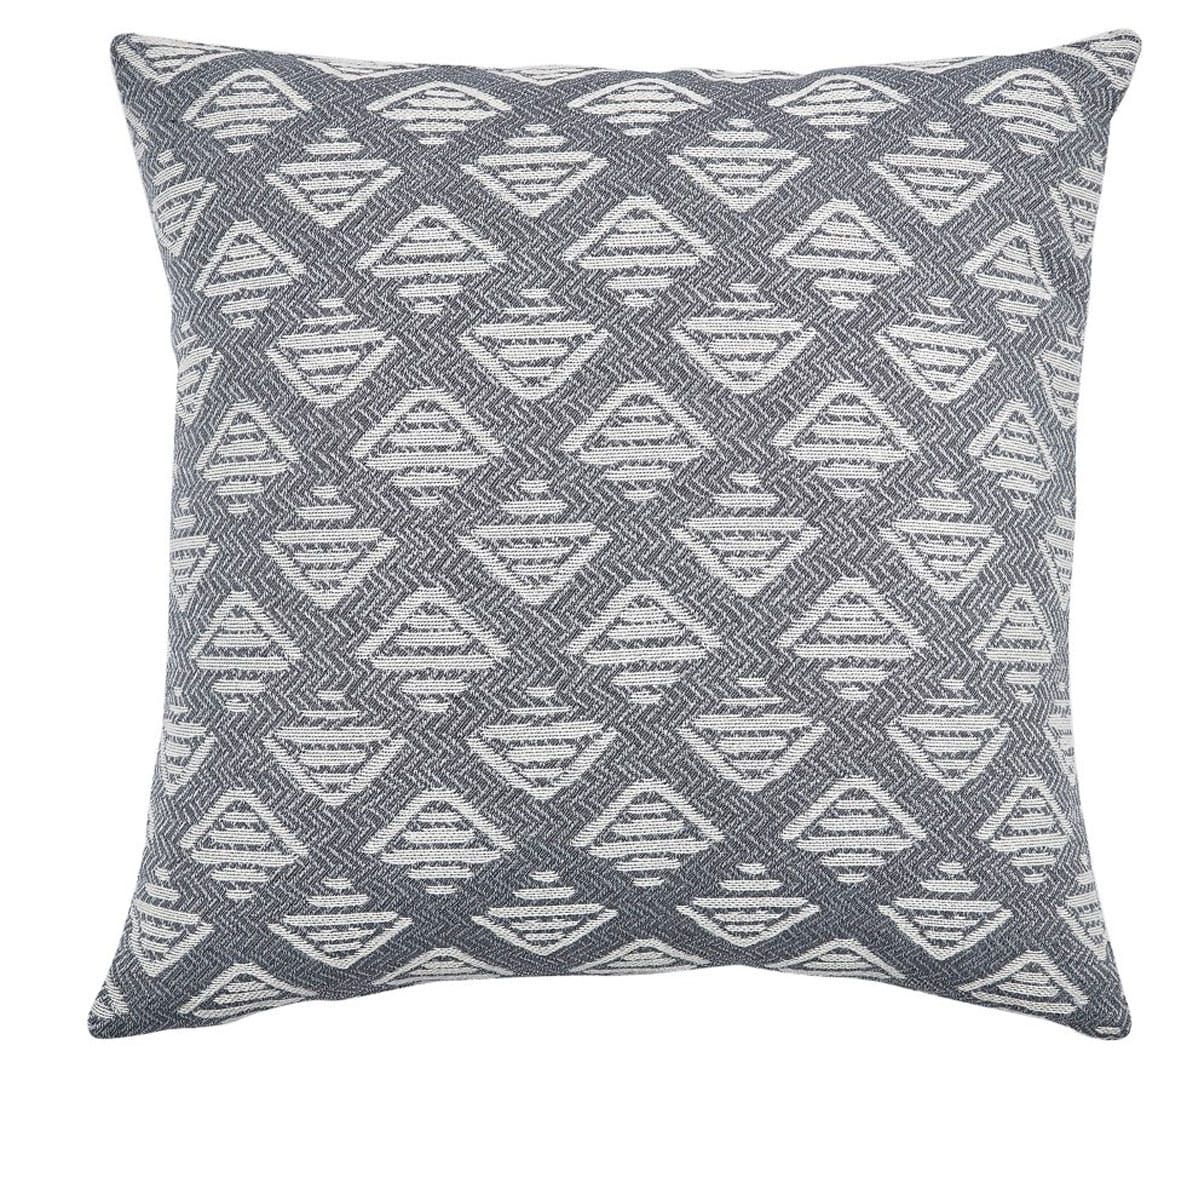 Μαξιλαροθήκη Διακοσμητική Top 22 Grey Kentia 50X50 Βαμβάκι-Polyester